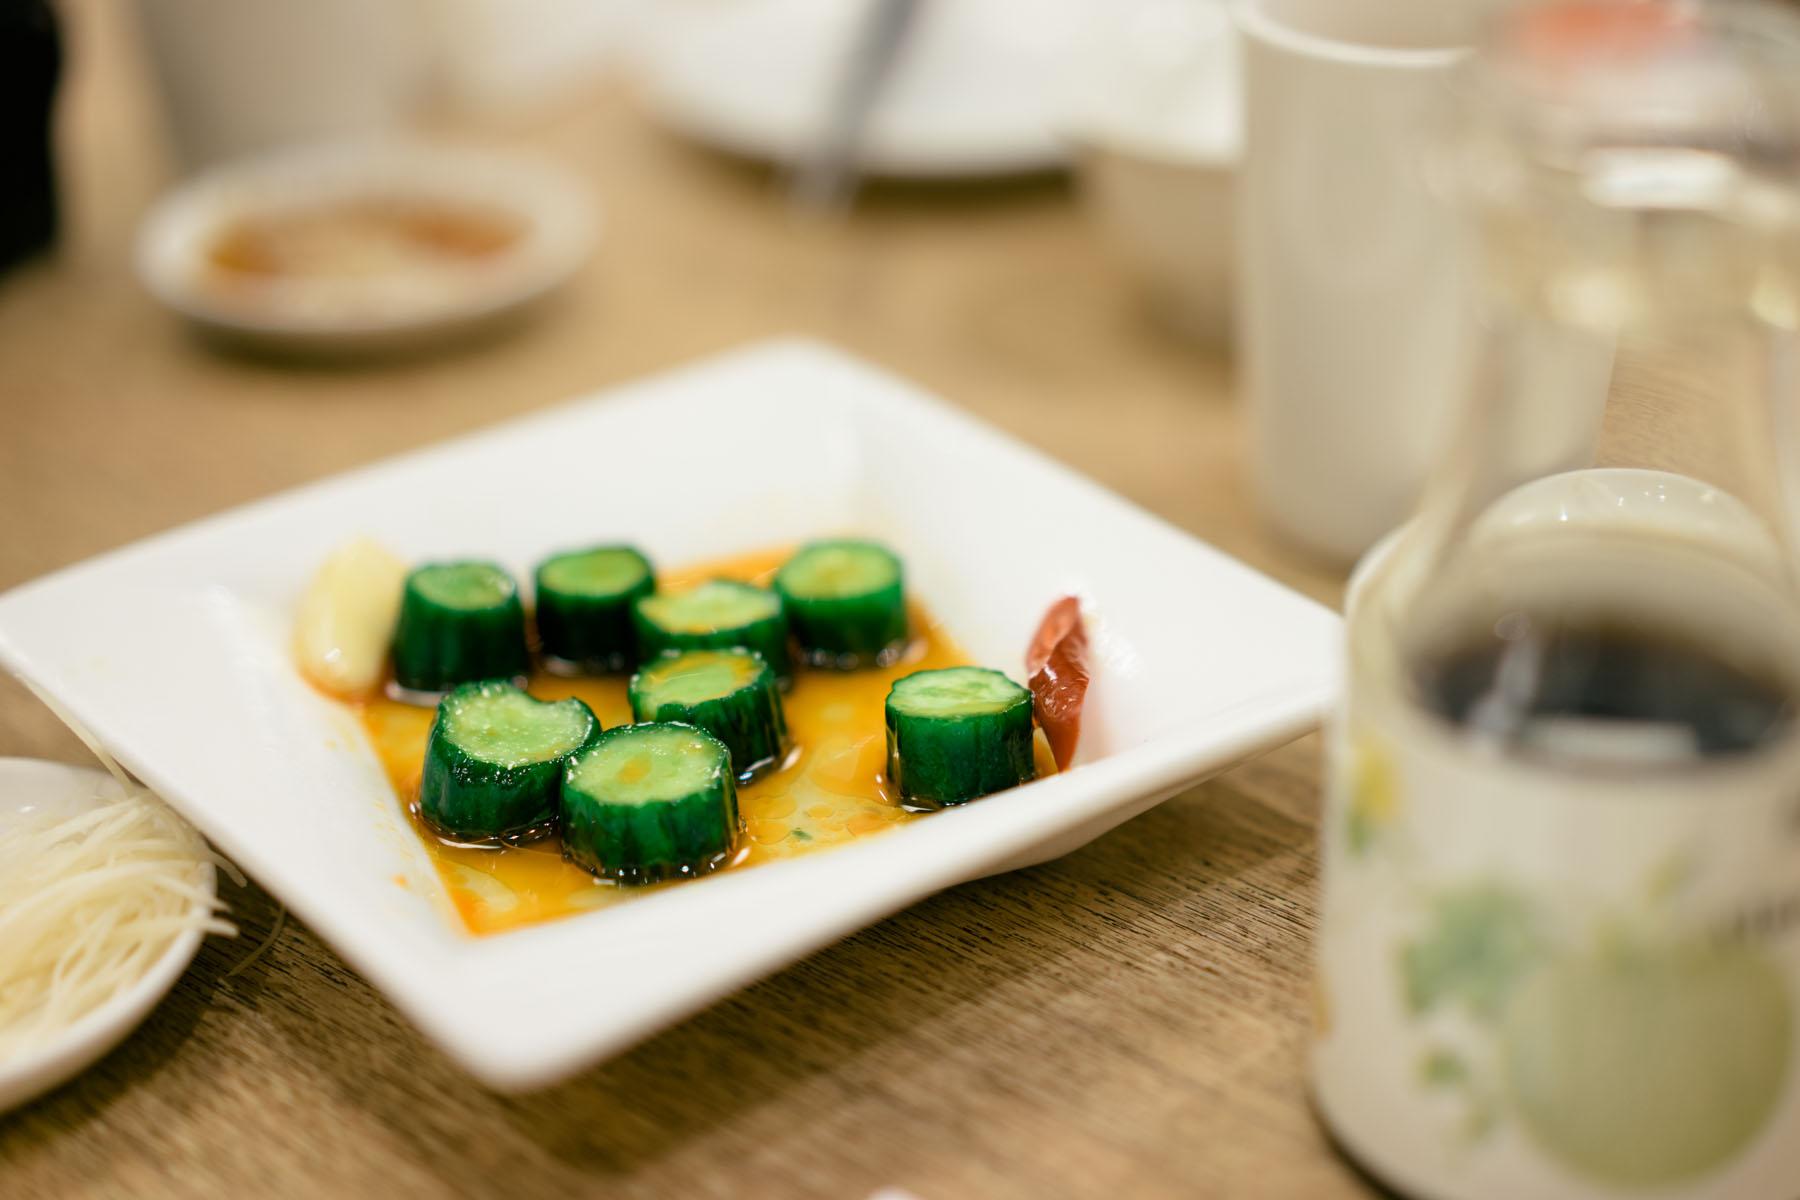 original-din-tai-fung-restaurant-taipei-taiwan-1